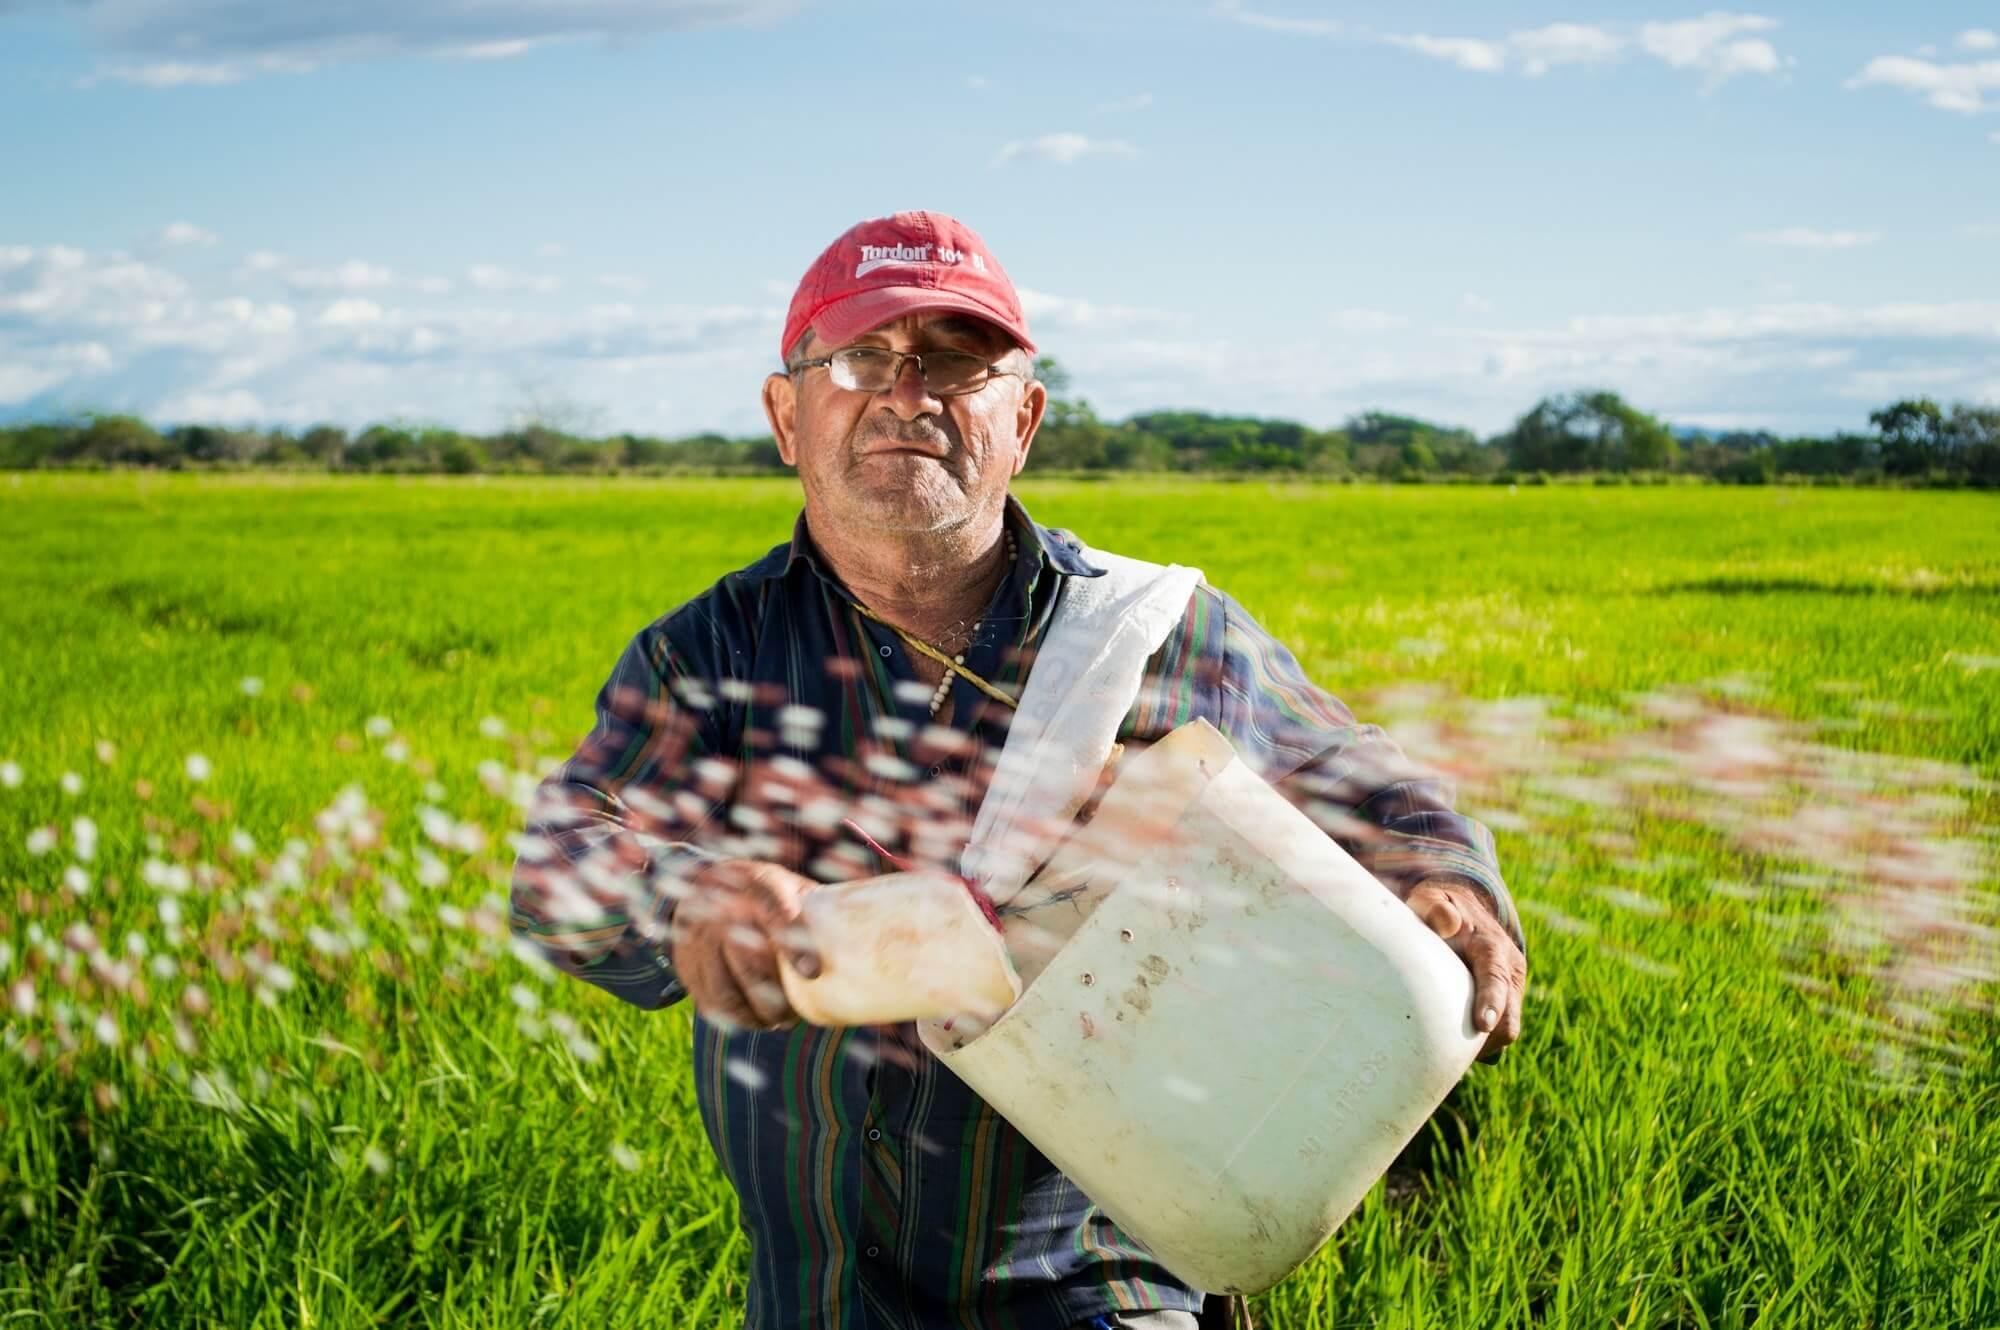 Agriculteur client assurances Prevoyance Agricole Déductible